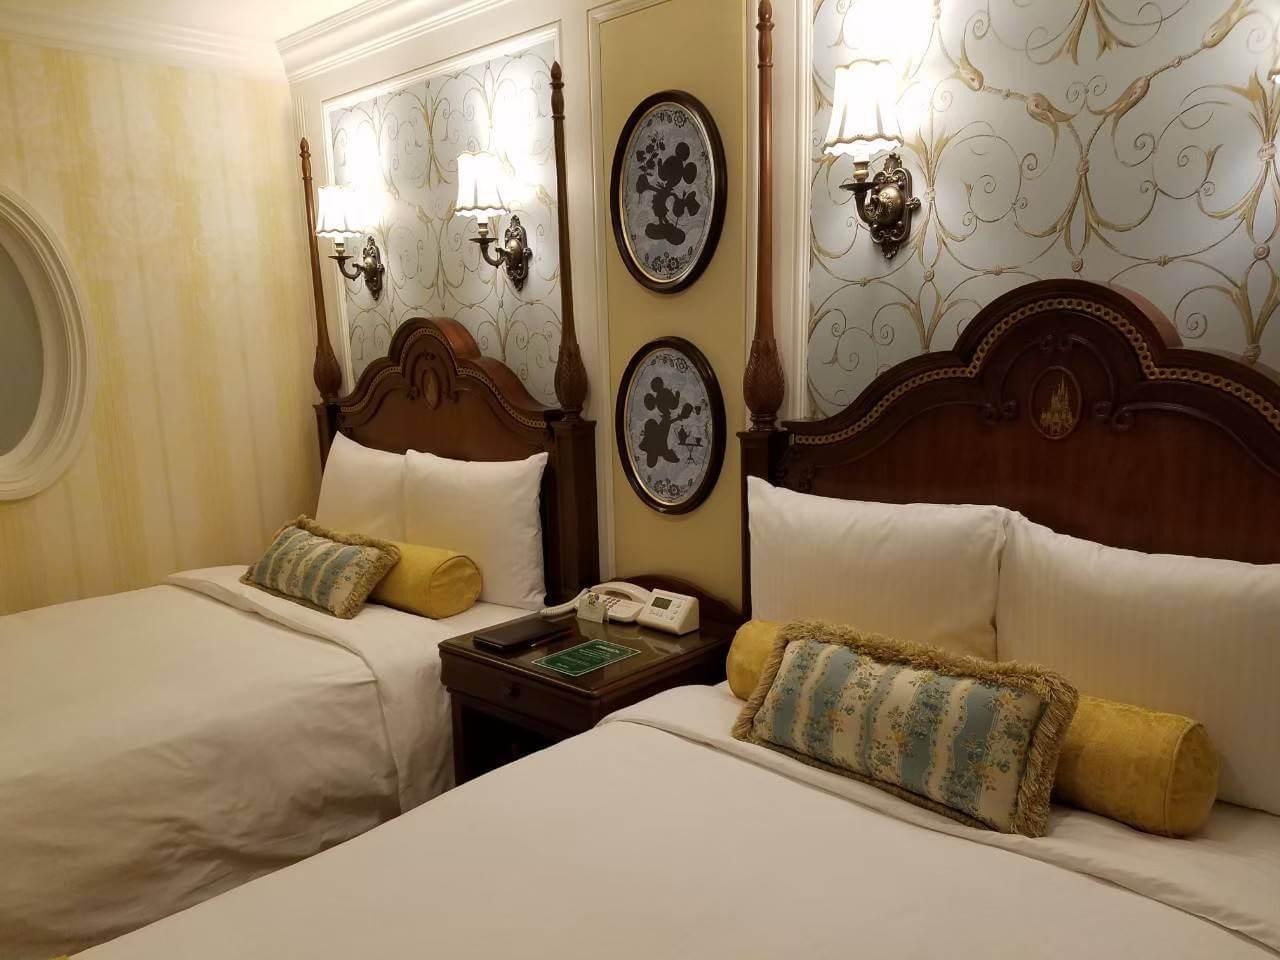 ディズニーホテルの予約を取るコツはキャンセル拾い!満室でも諦めなければミラコスタ・ランドホテルにも泊まれる【根気が大切】